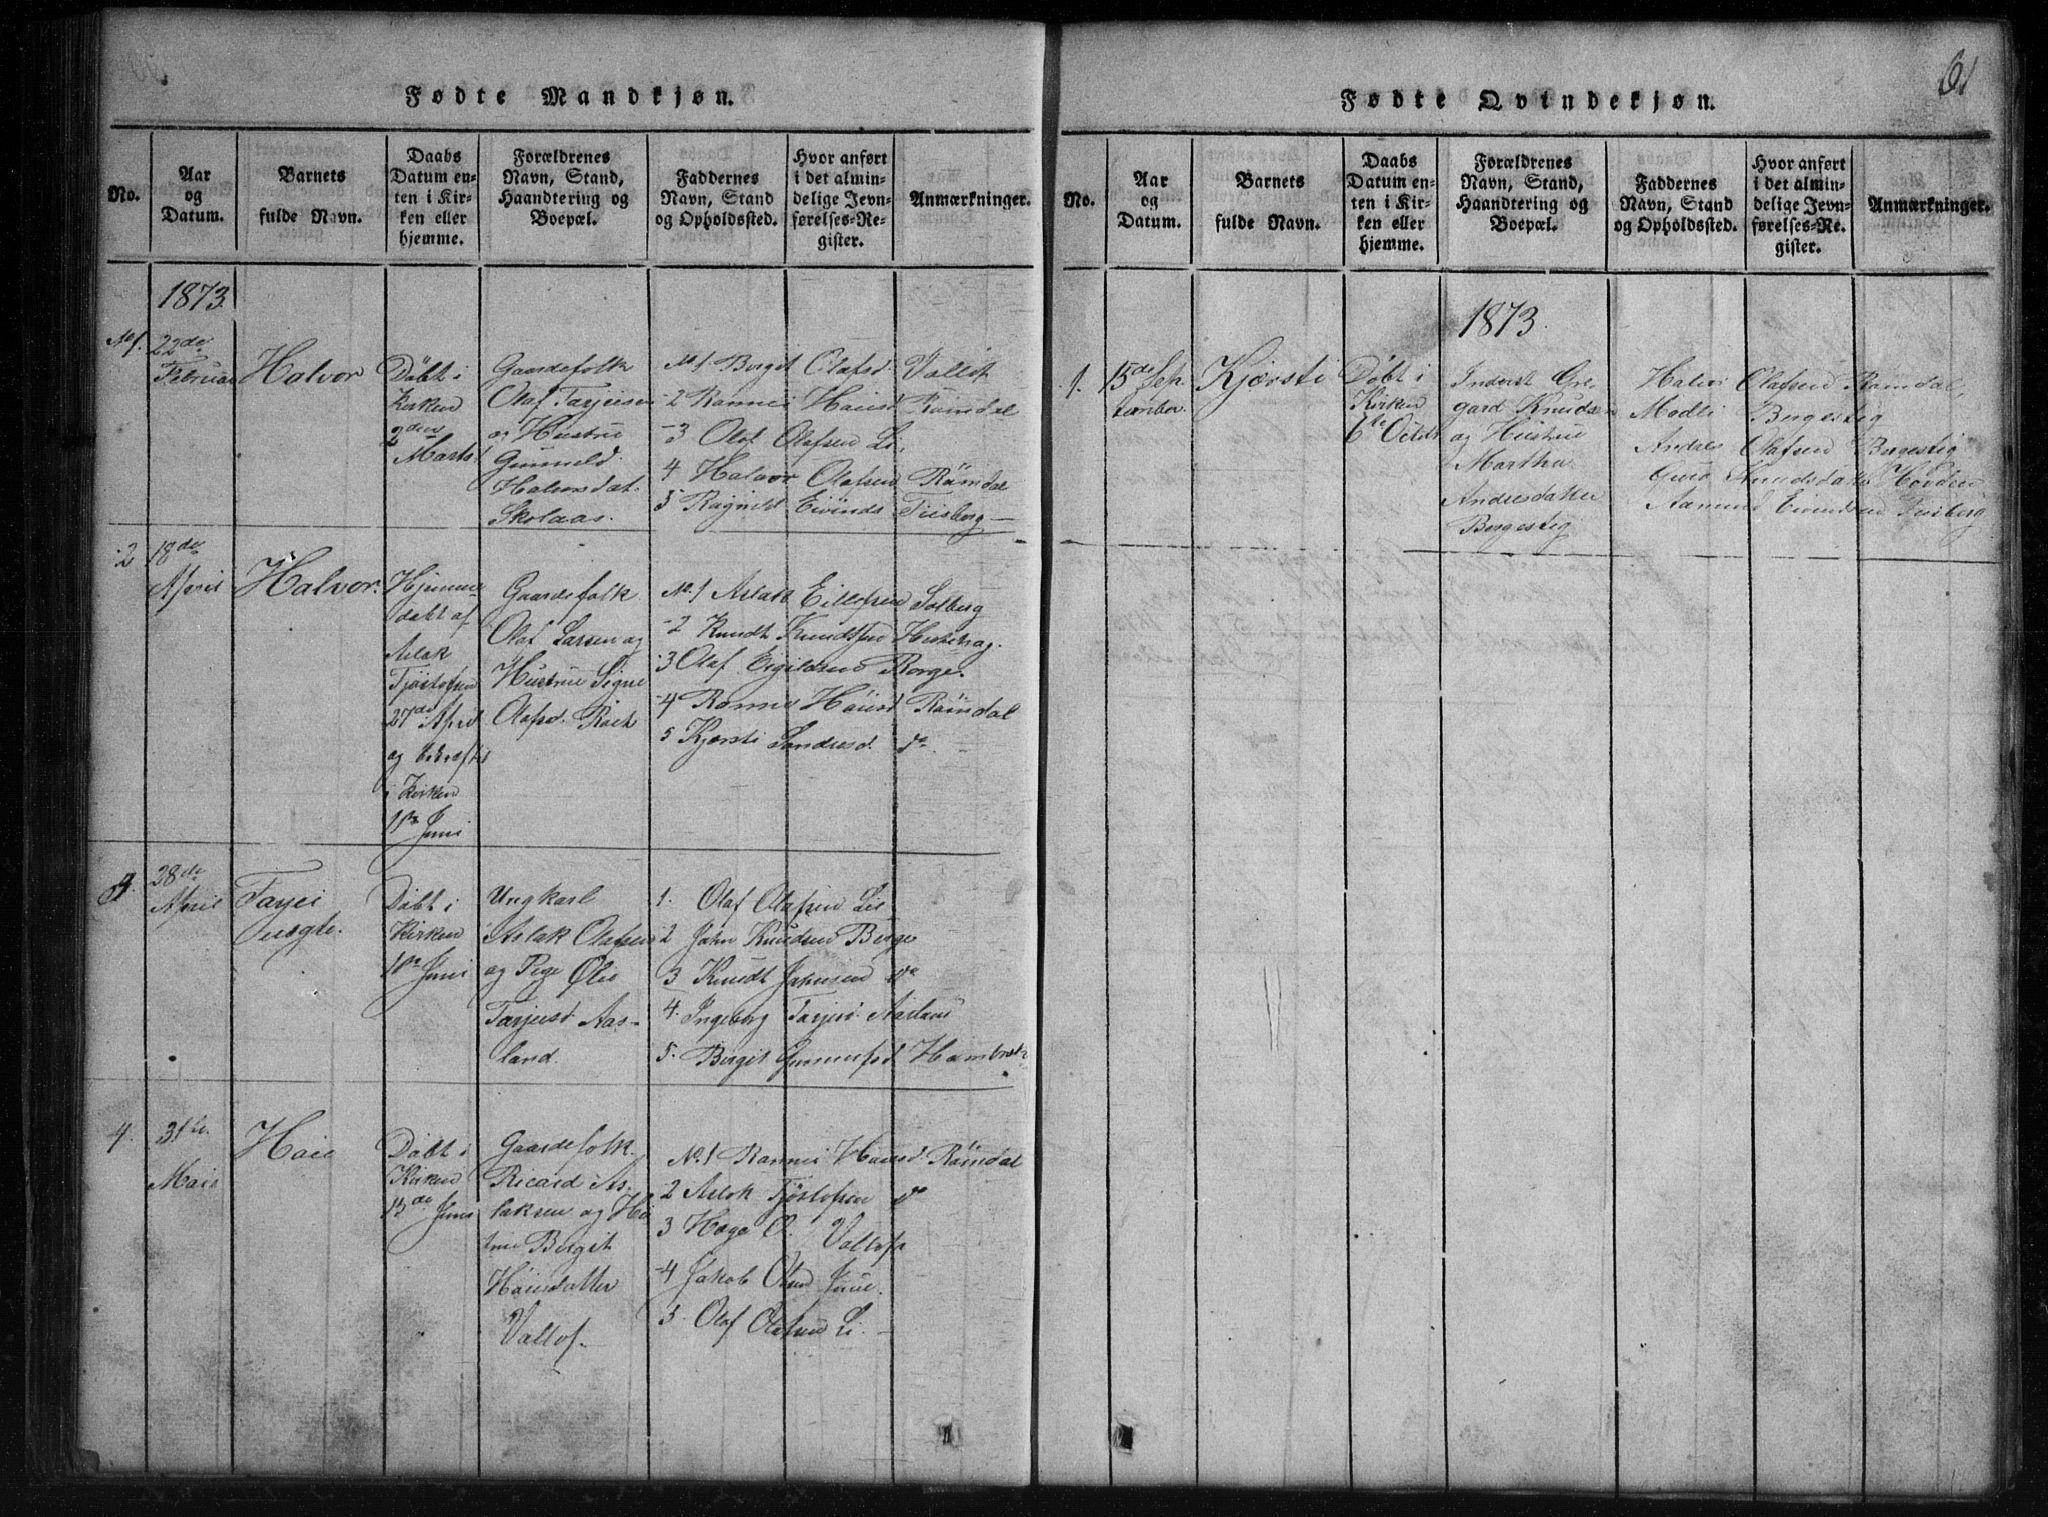 SAKO, Rauland kirkebøker, G/Gb/L0001: Klokkerbok nr. II 1, 1815-1886, s. 61